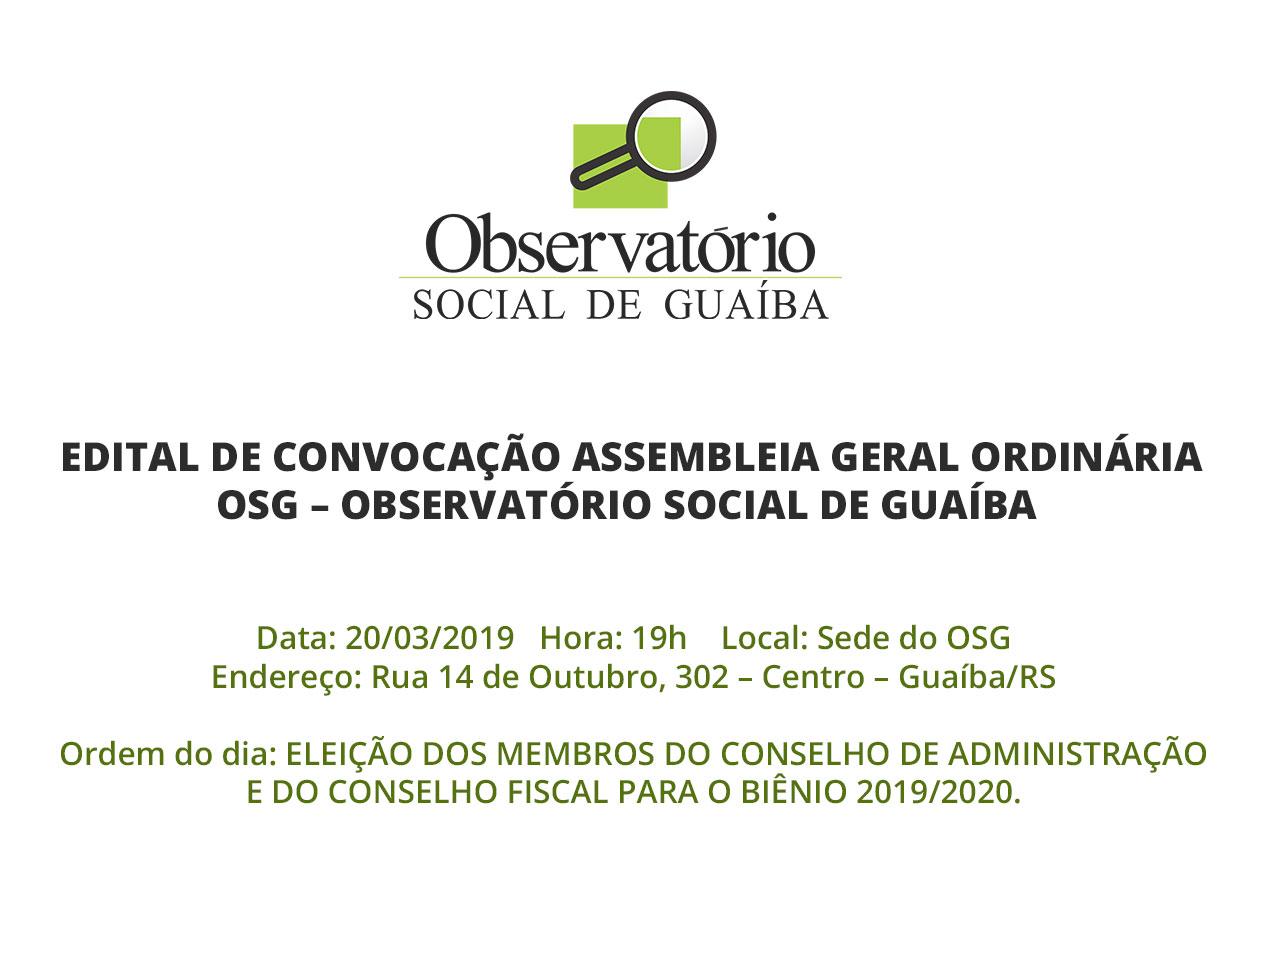 edital de convocacao assembleia geral 20.03.2019